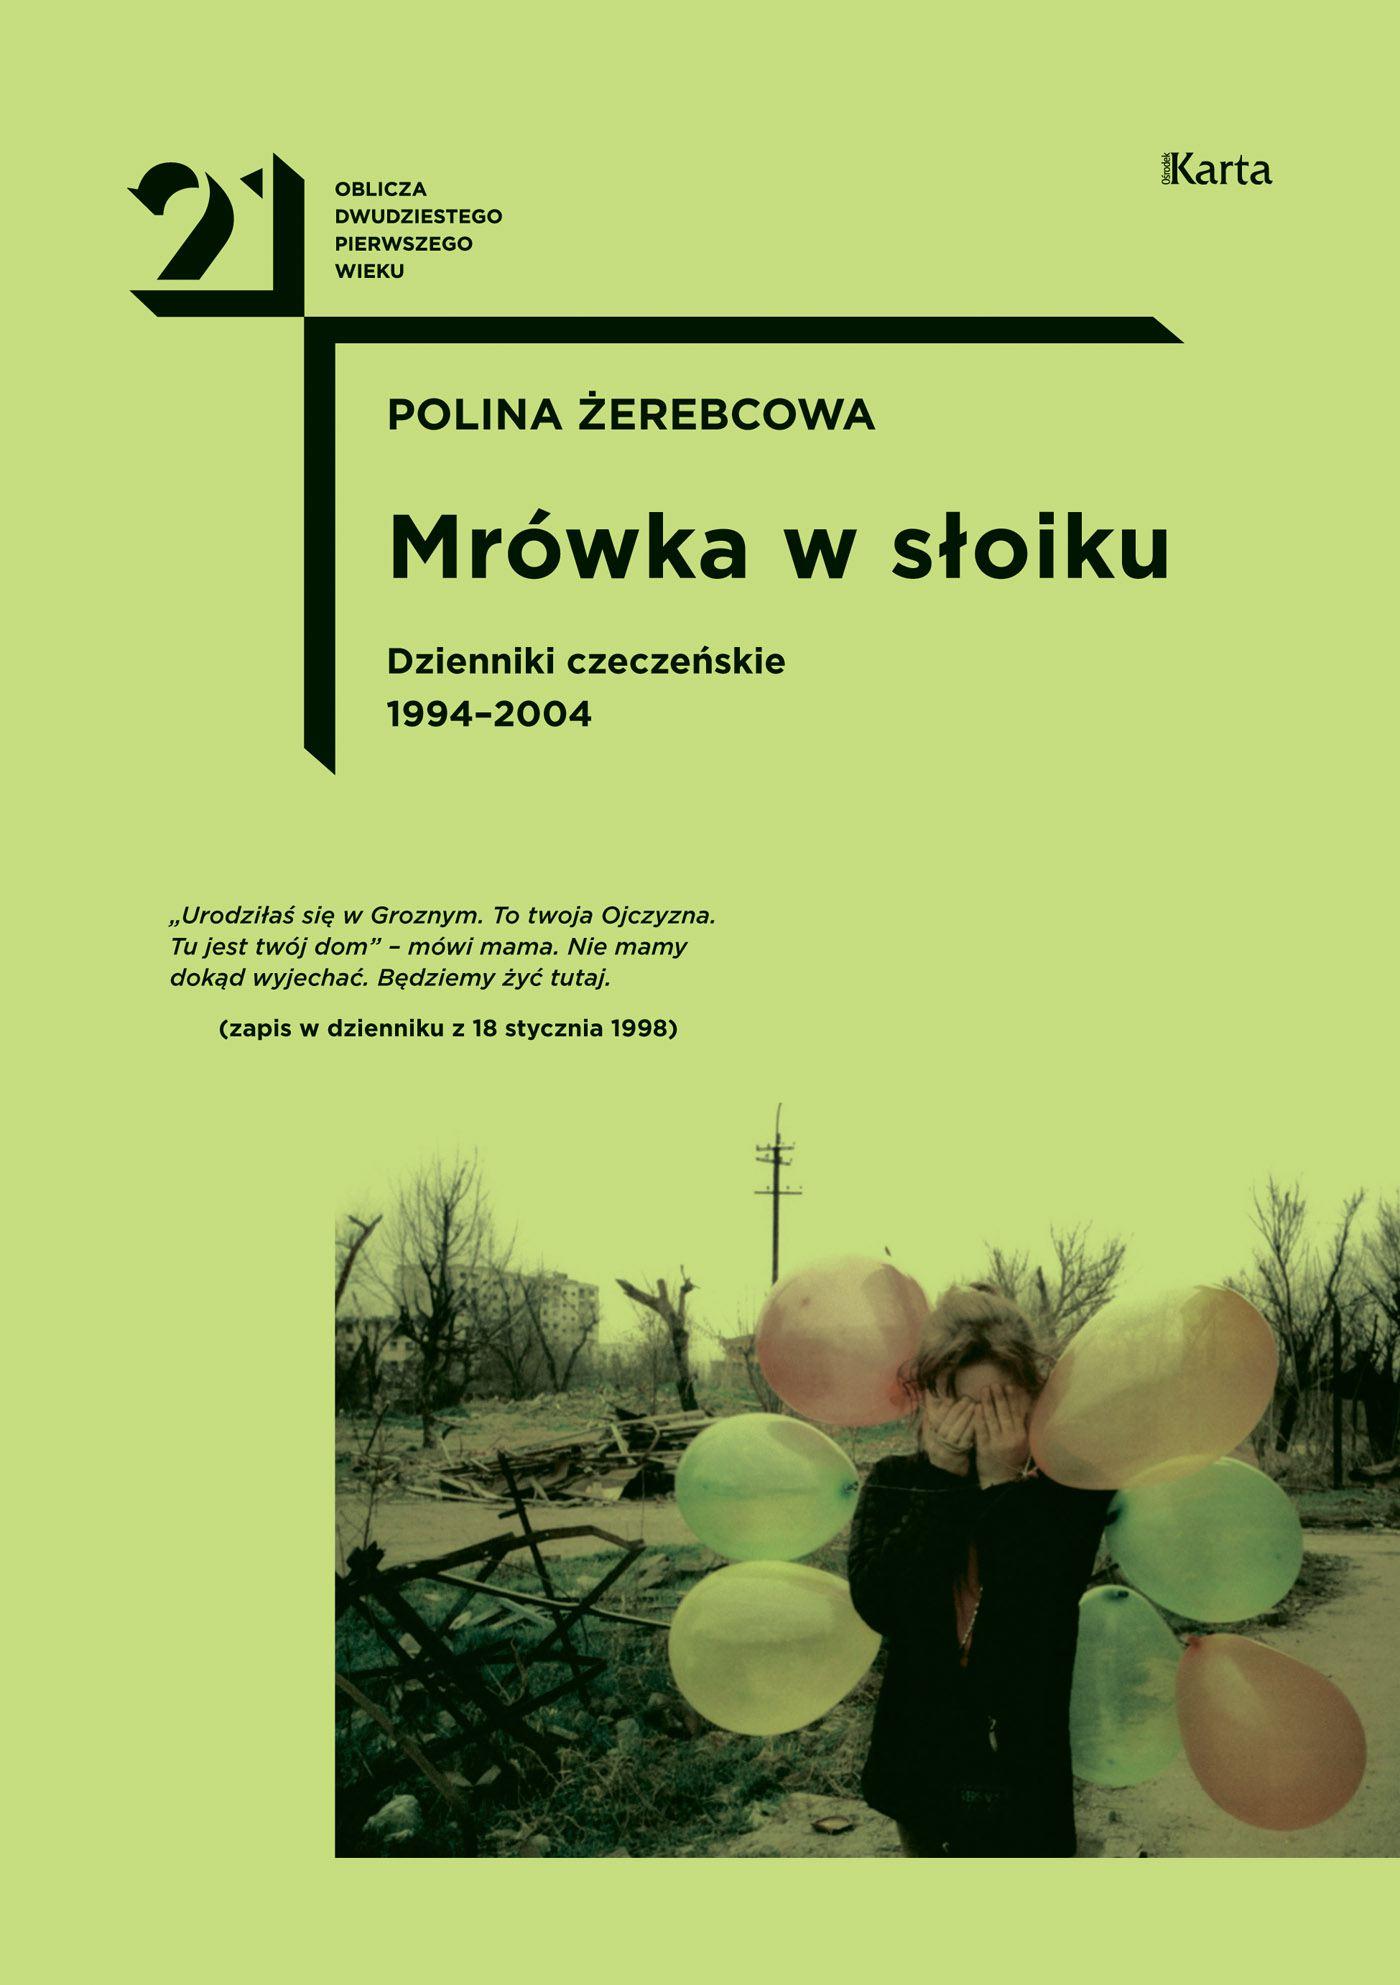 Mrówka w słoiku. Dzienniki czeczeńskie 1994-2004 - Ebook (Książka EPUB) do pobrania w formacie EPUB